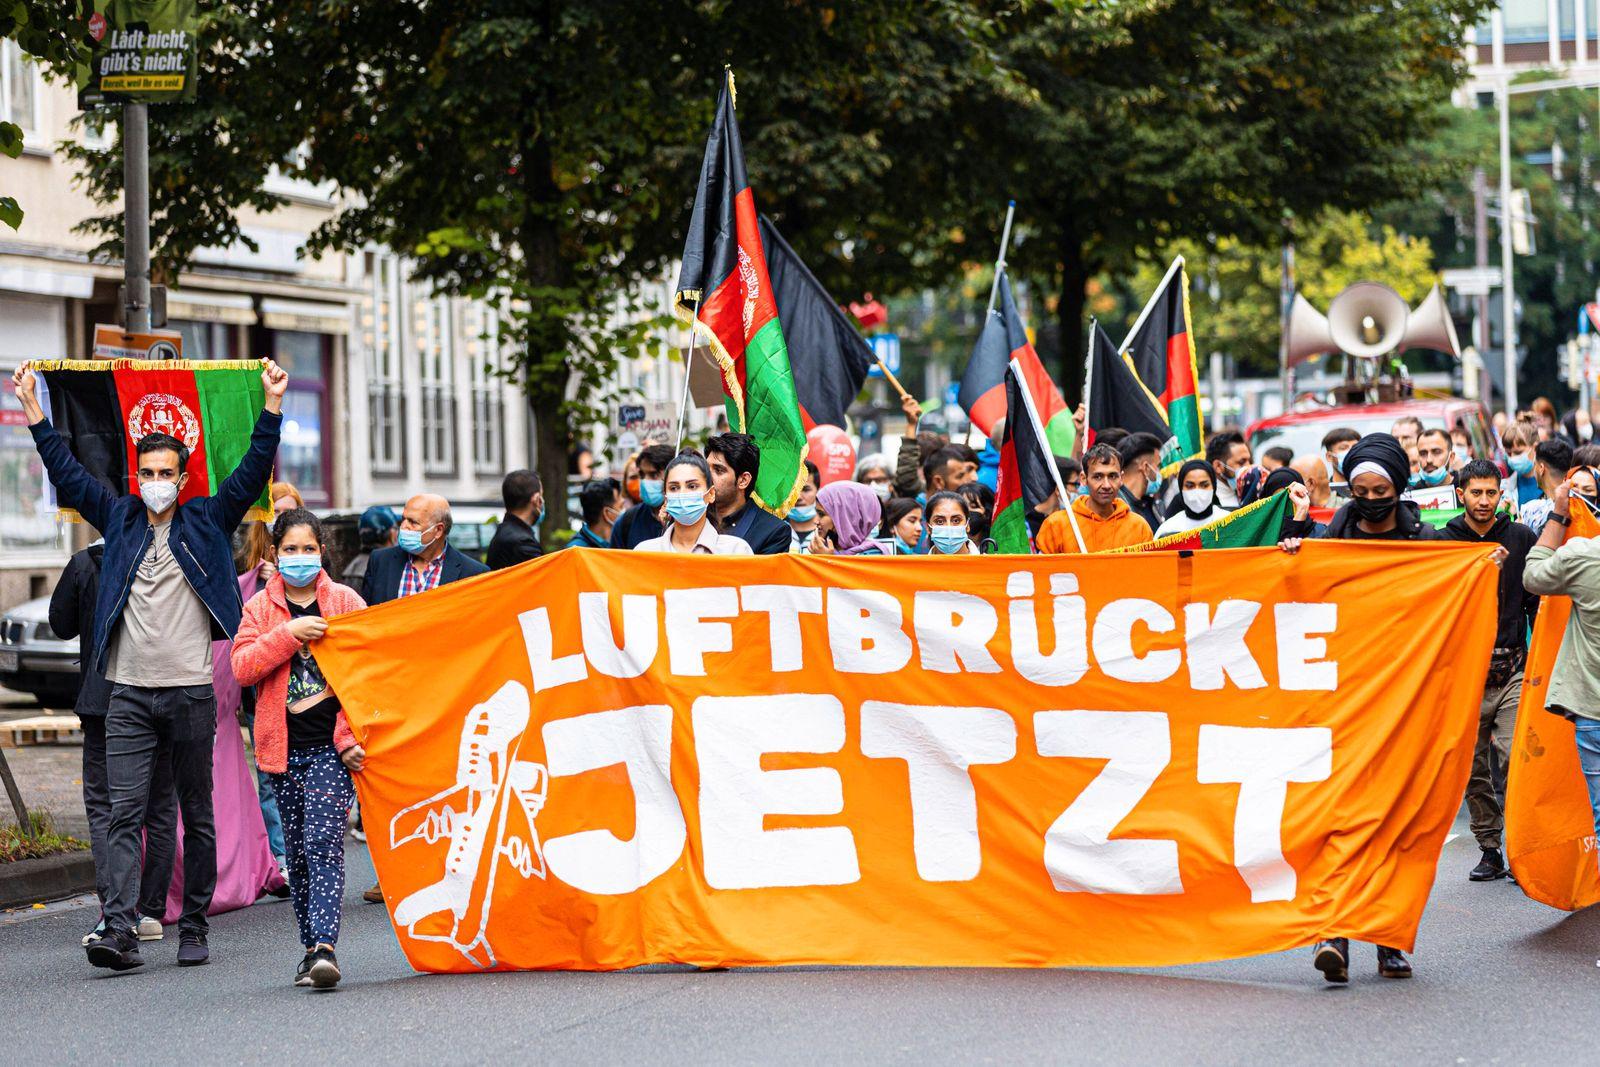 News Bilder des Tages Hannover, Deutschland 28. August 2021: News - 2021 - Demonstration des Buendnis Seebruecke - 28.08